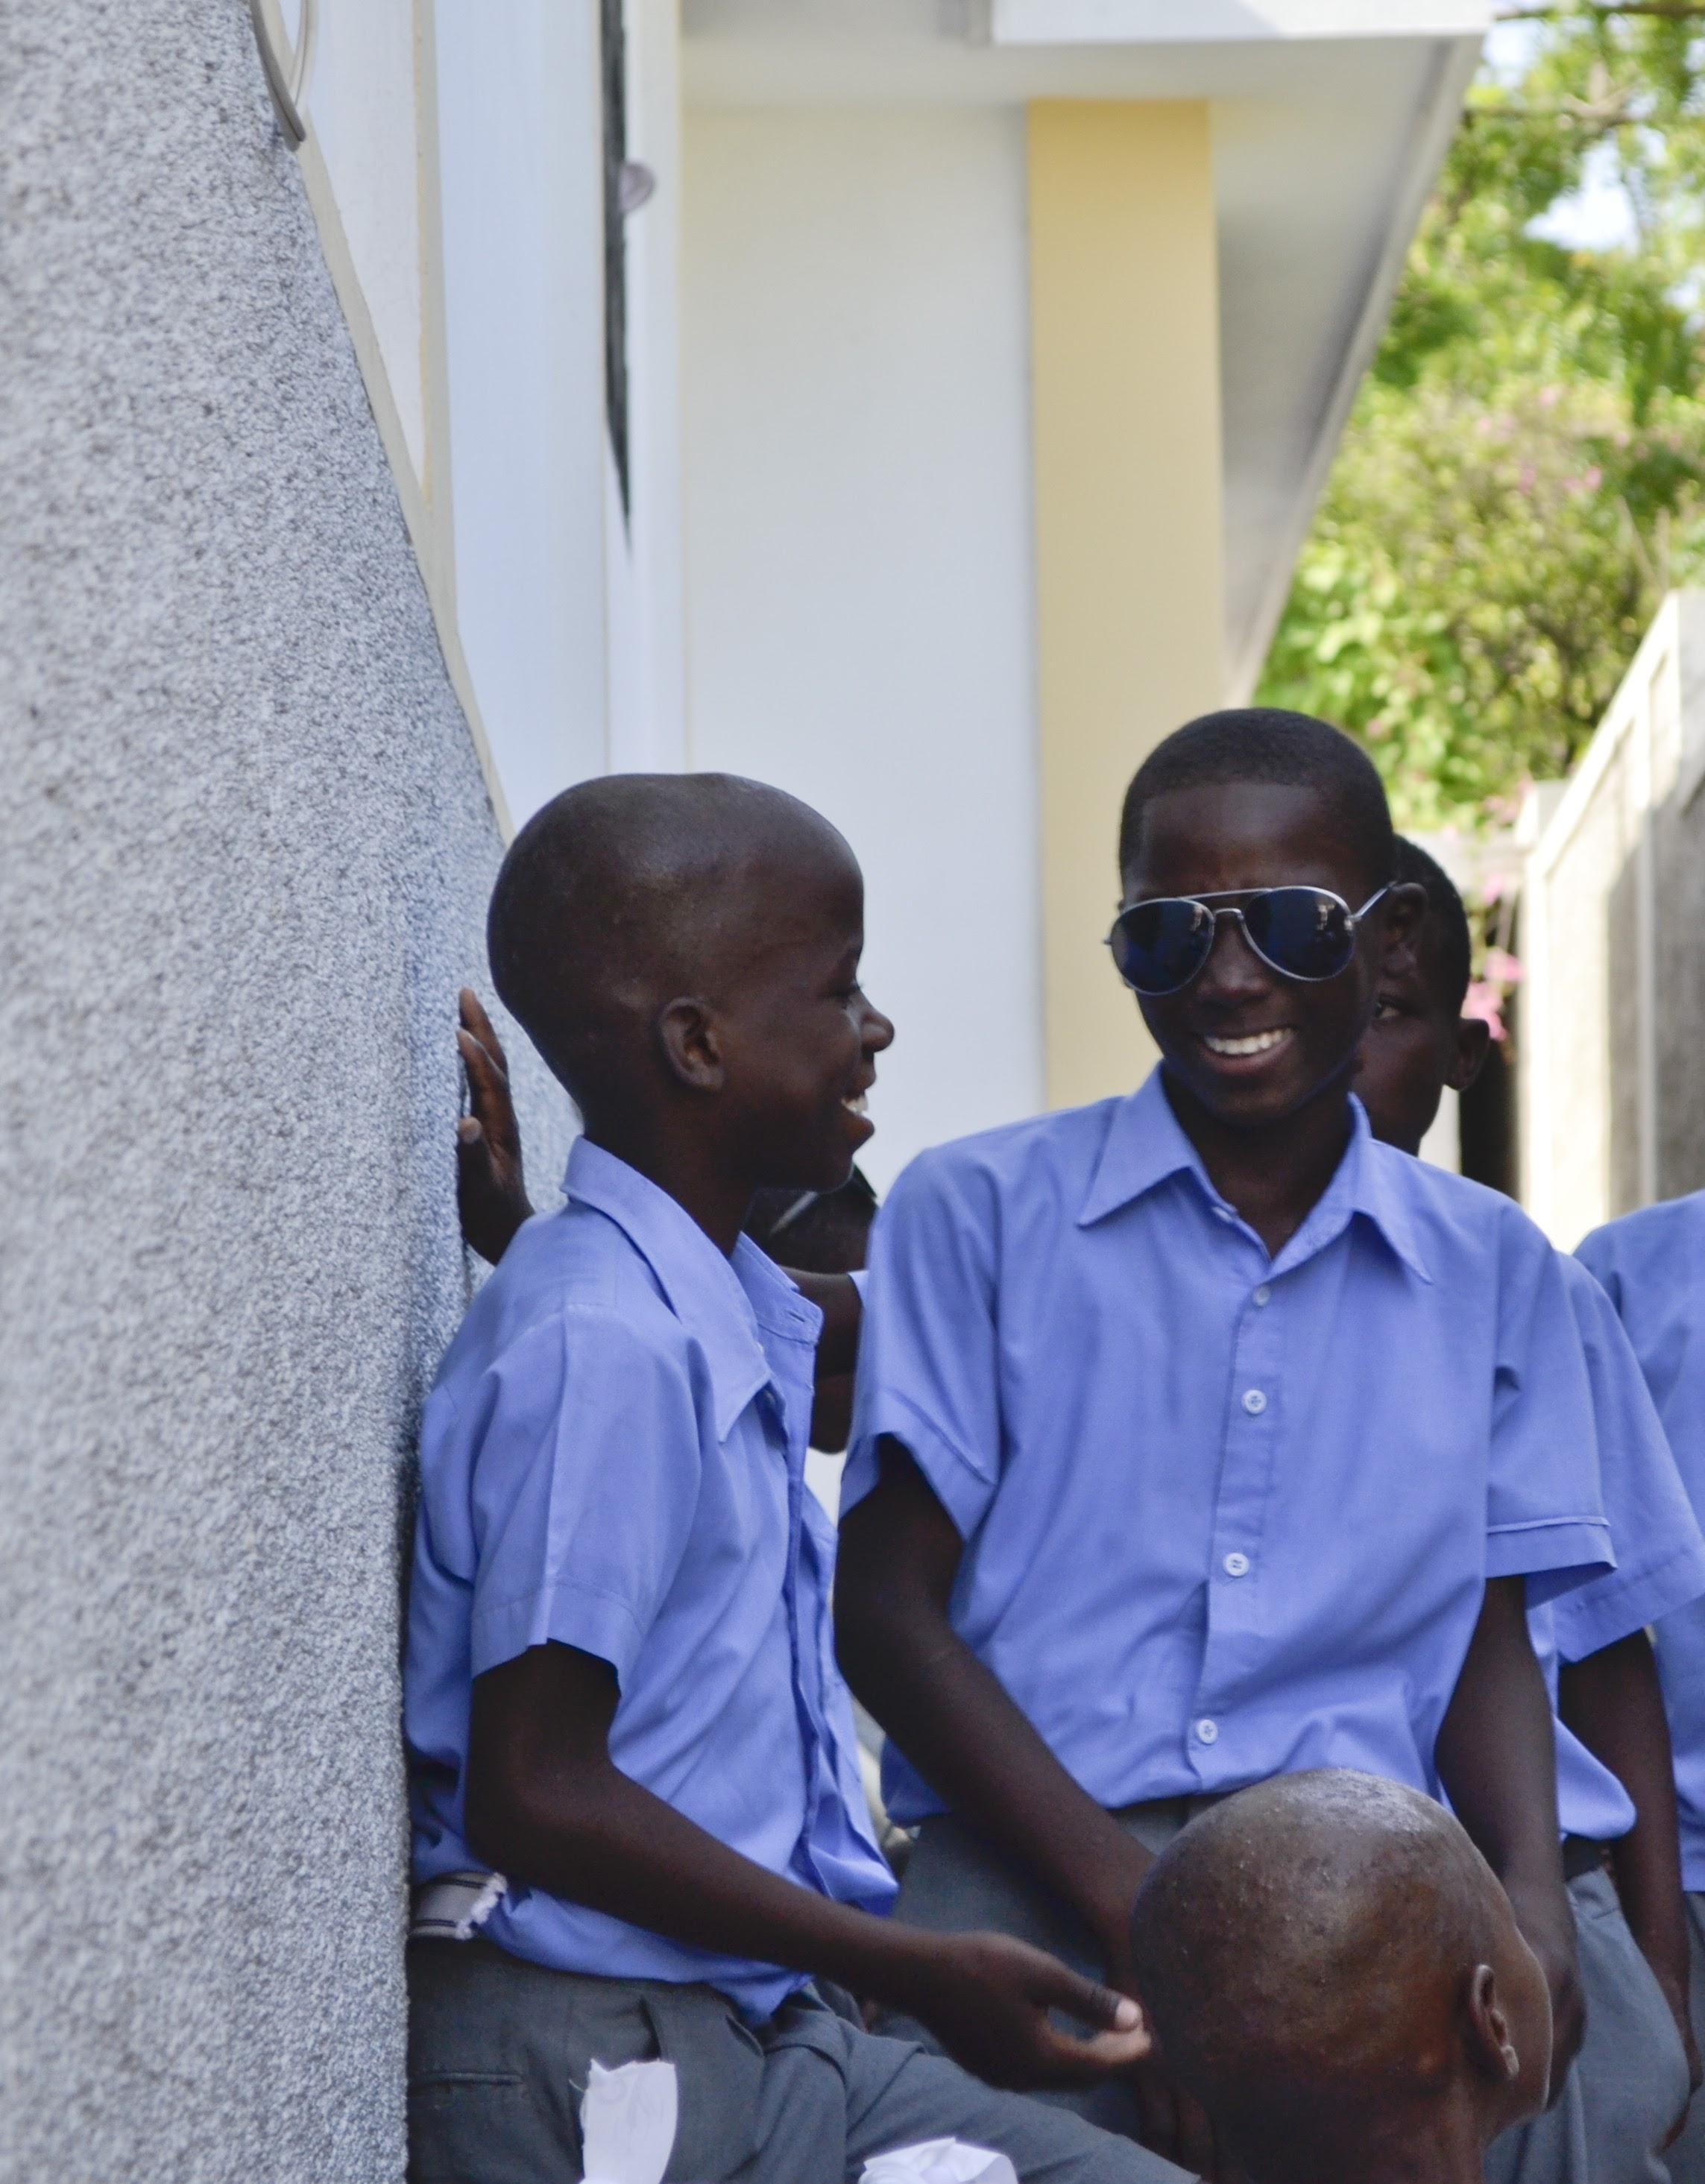 haiti2015_Tuesdayy_0033.jpg